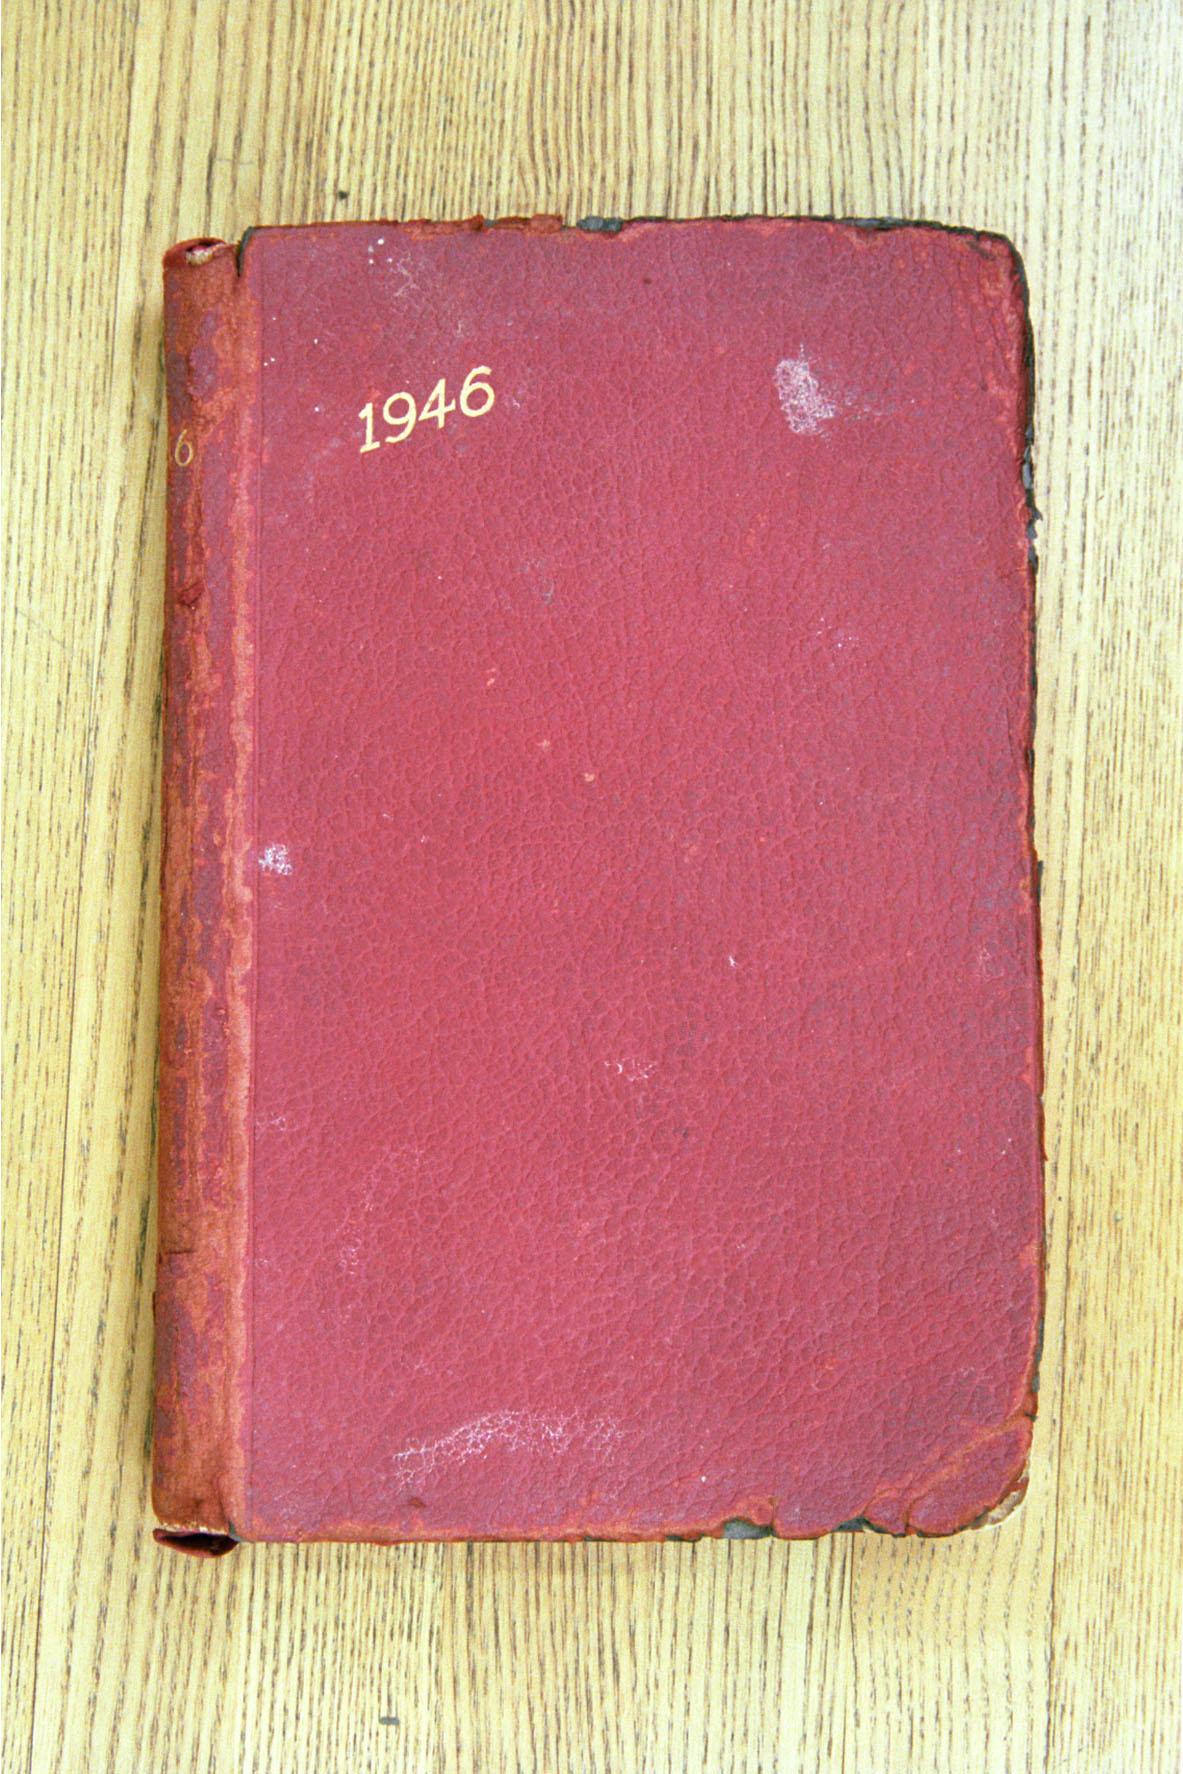 1946 Diary